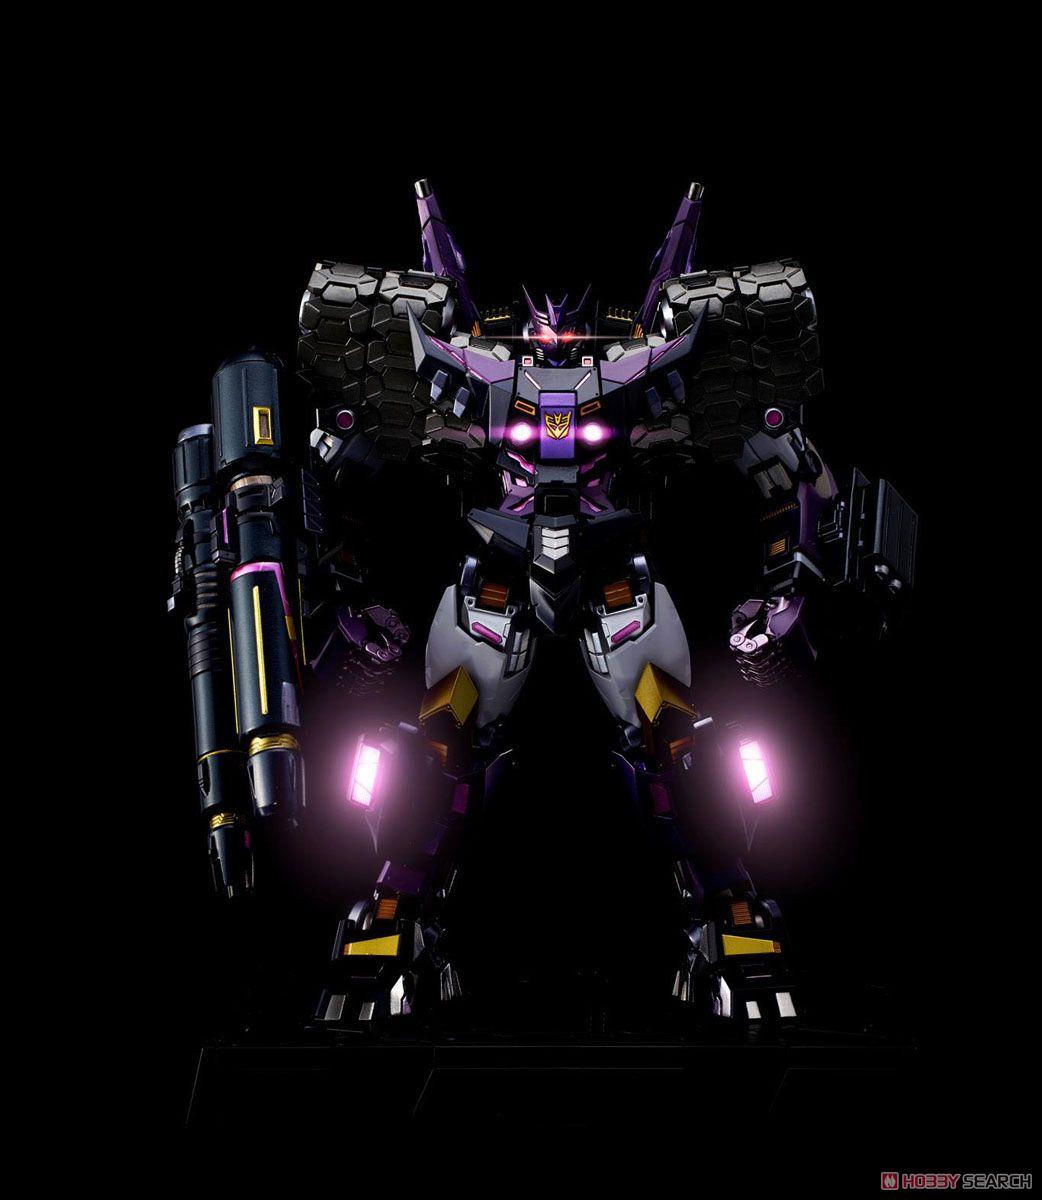 鉄機巧『ターン』トランスフォーマー 可動フィギュア-019